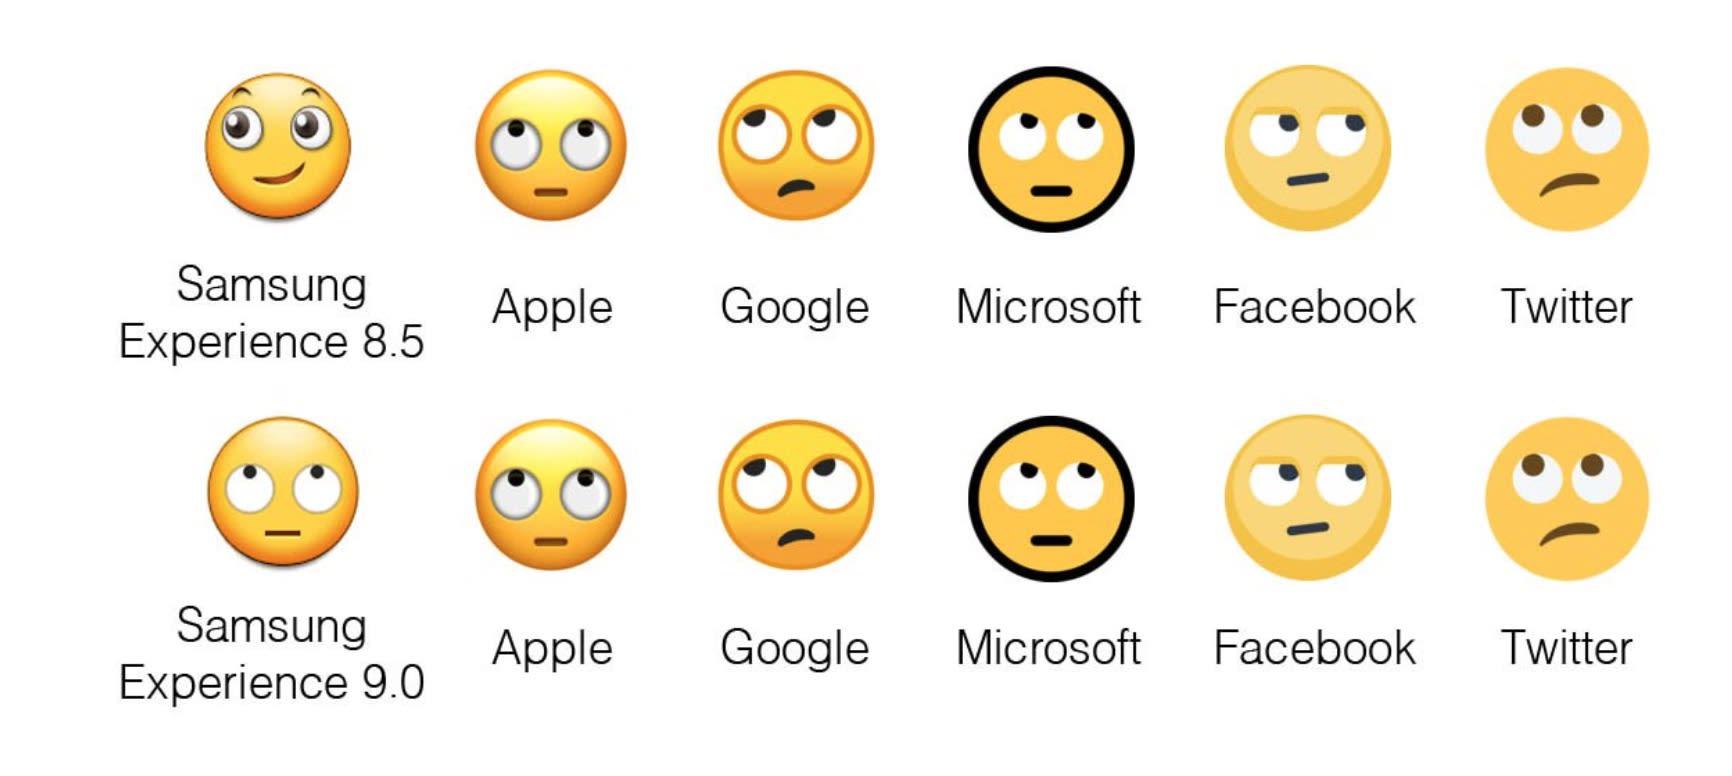 89fa24c494f0e8 Samsung s redesigned emoji are actually recognizable